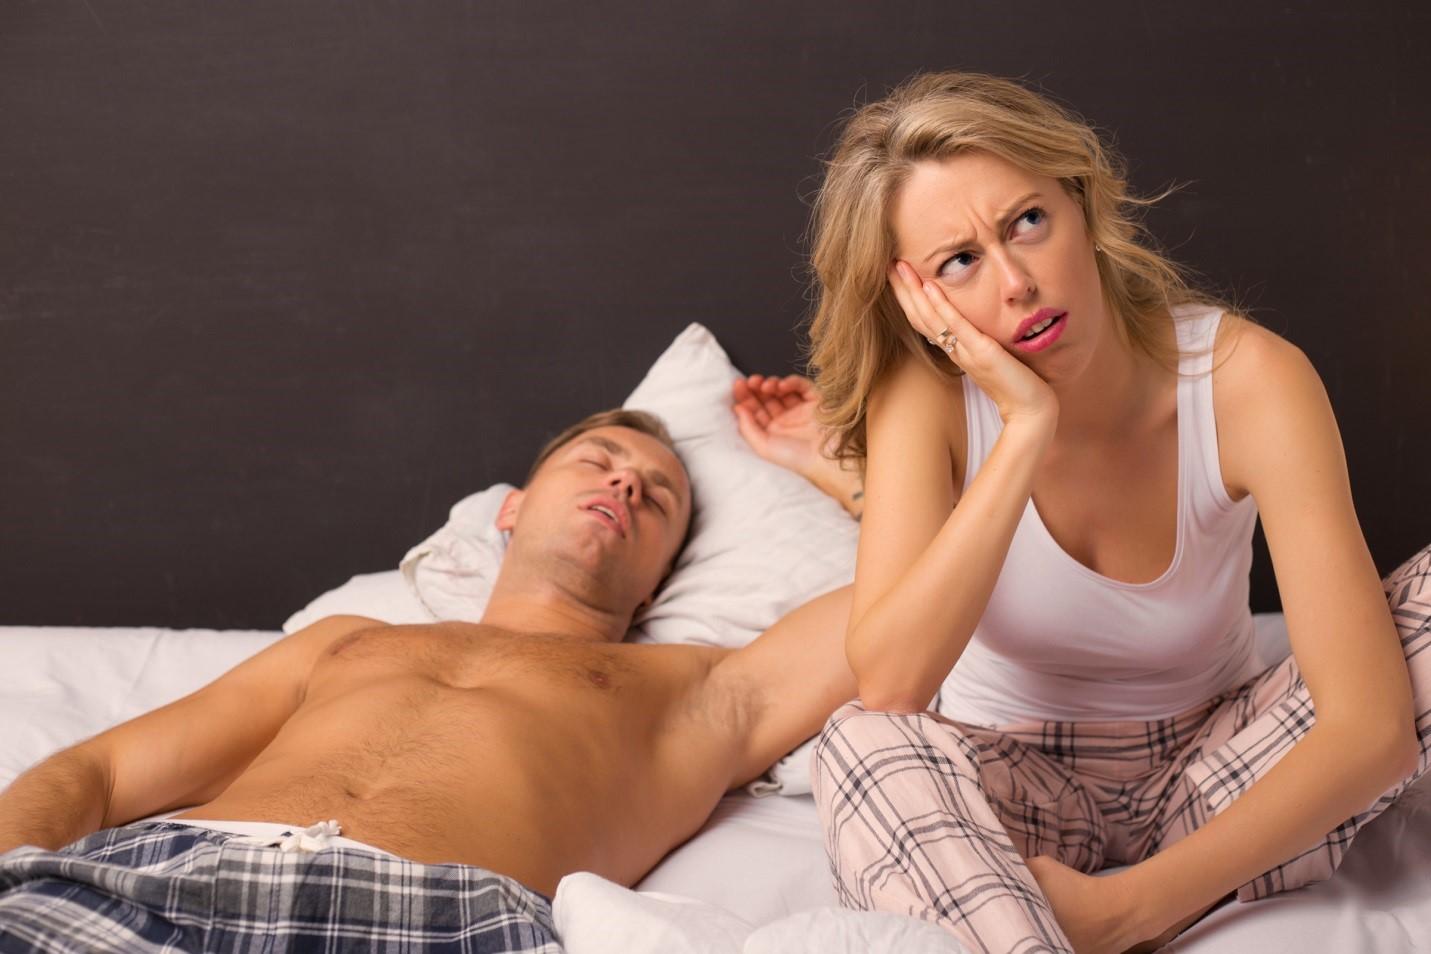 Муж потерял интерес к интиму: что делать